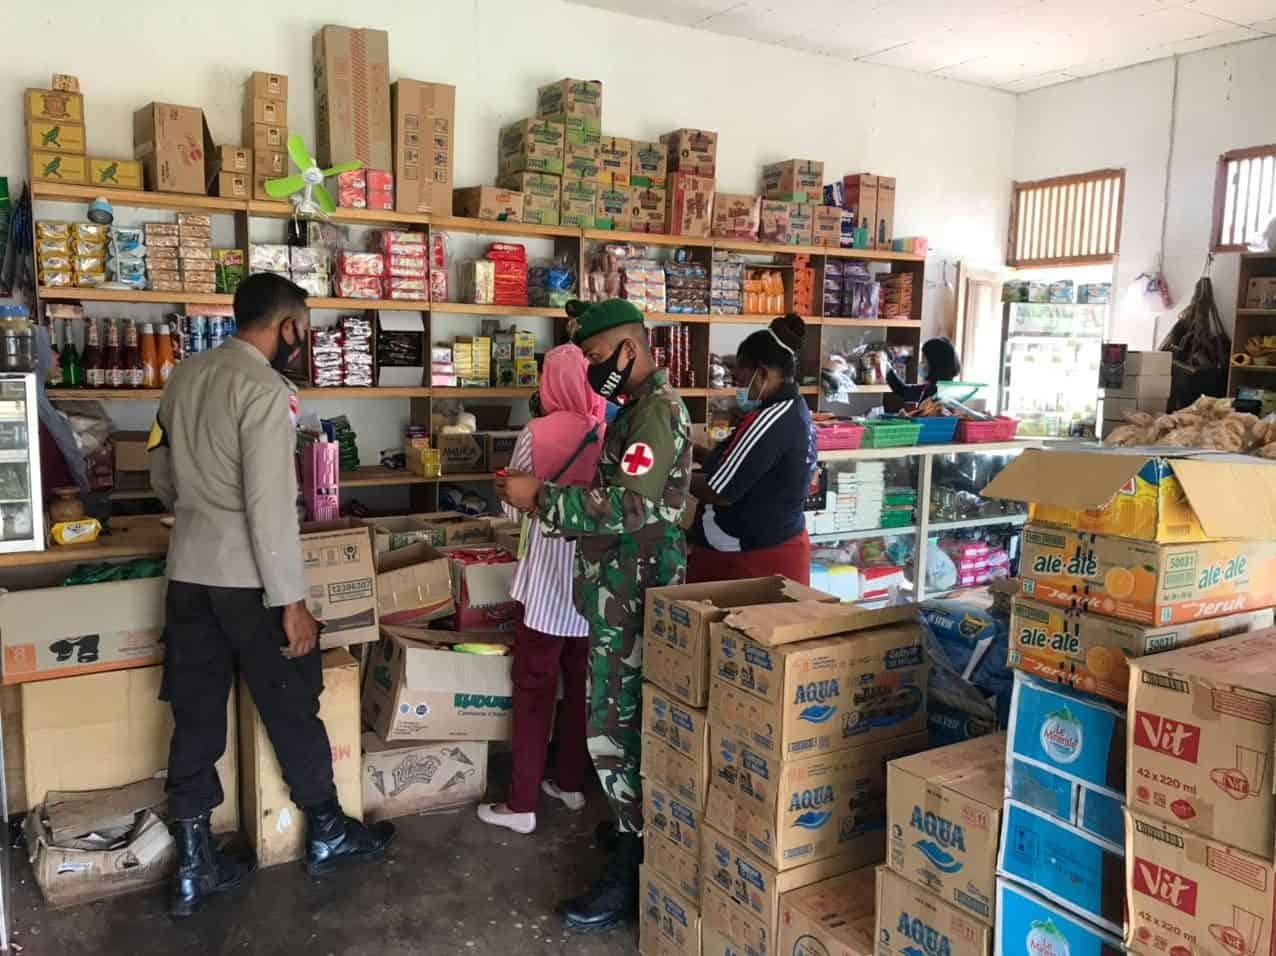 Pastikan Makanan dan Minuman Higienis, Satgas Yonif 125 Bersama Puskesmas Sota dan Kepolisian Sidak Kios Pedagang